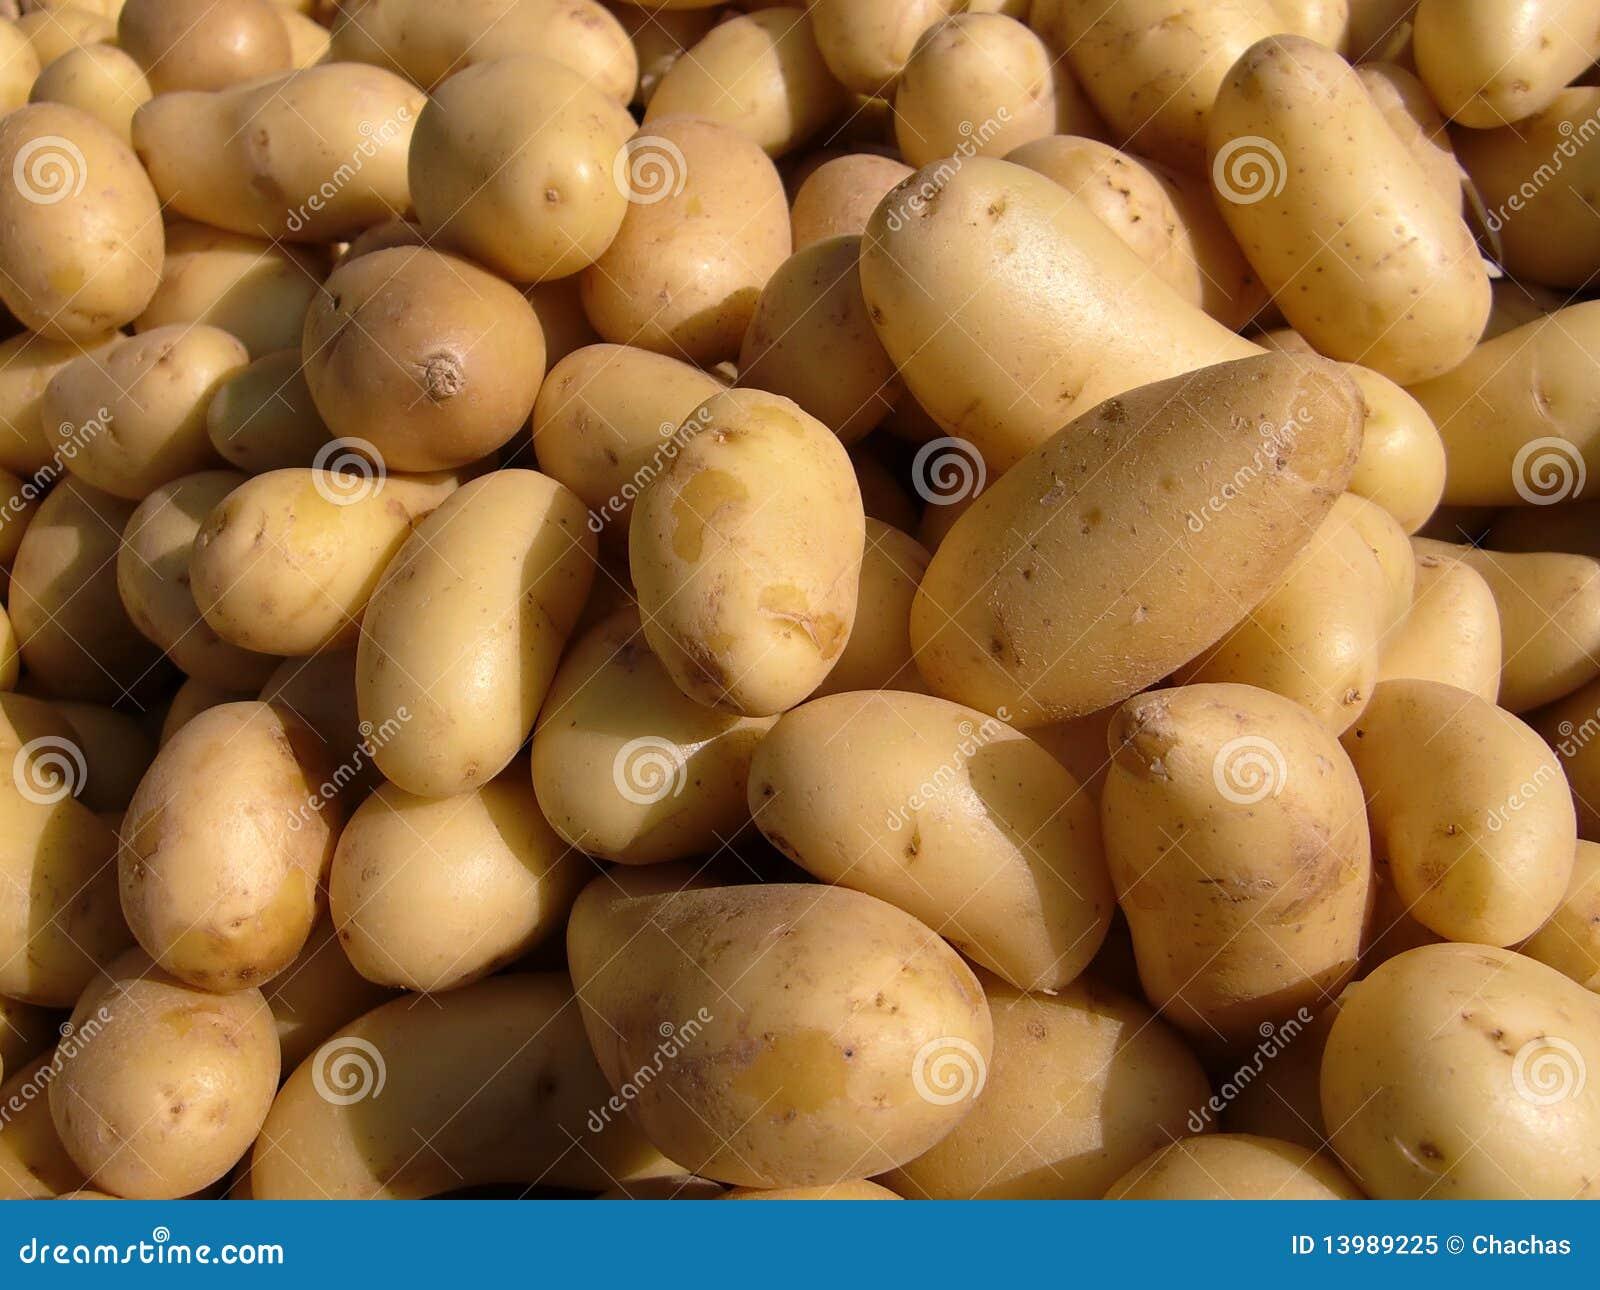 土豆 免版税库存照片 - 图片: 13989225图片